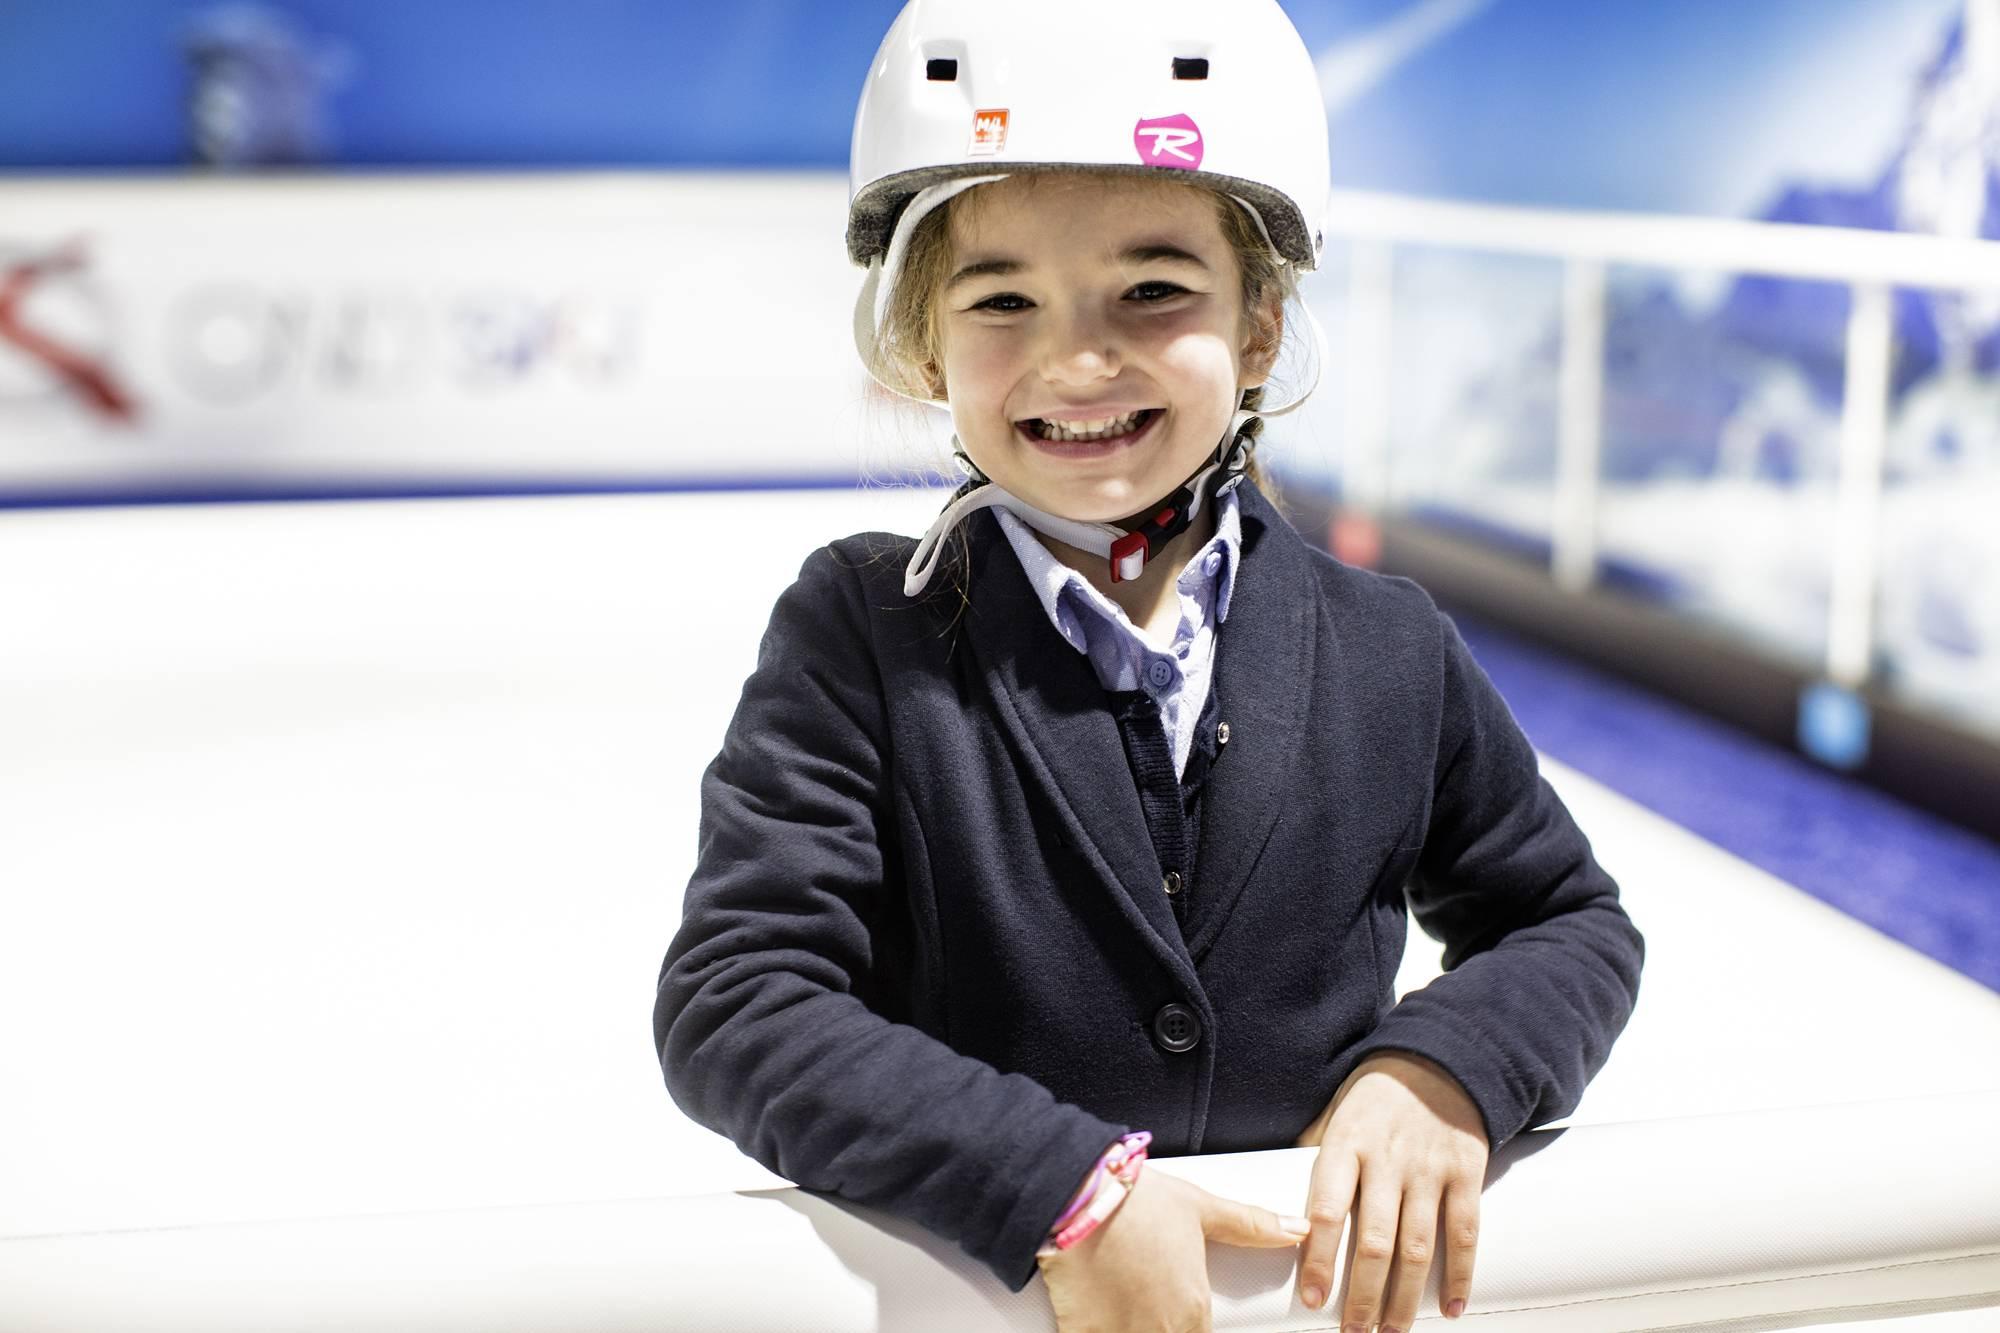 cours de ski pour enfants à lyon